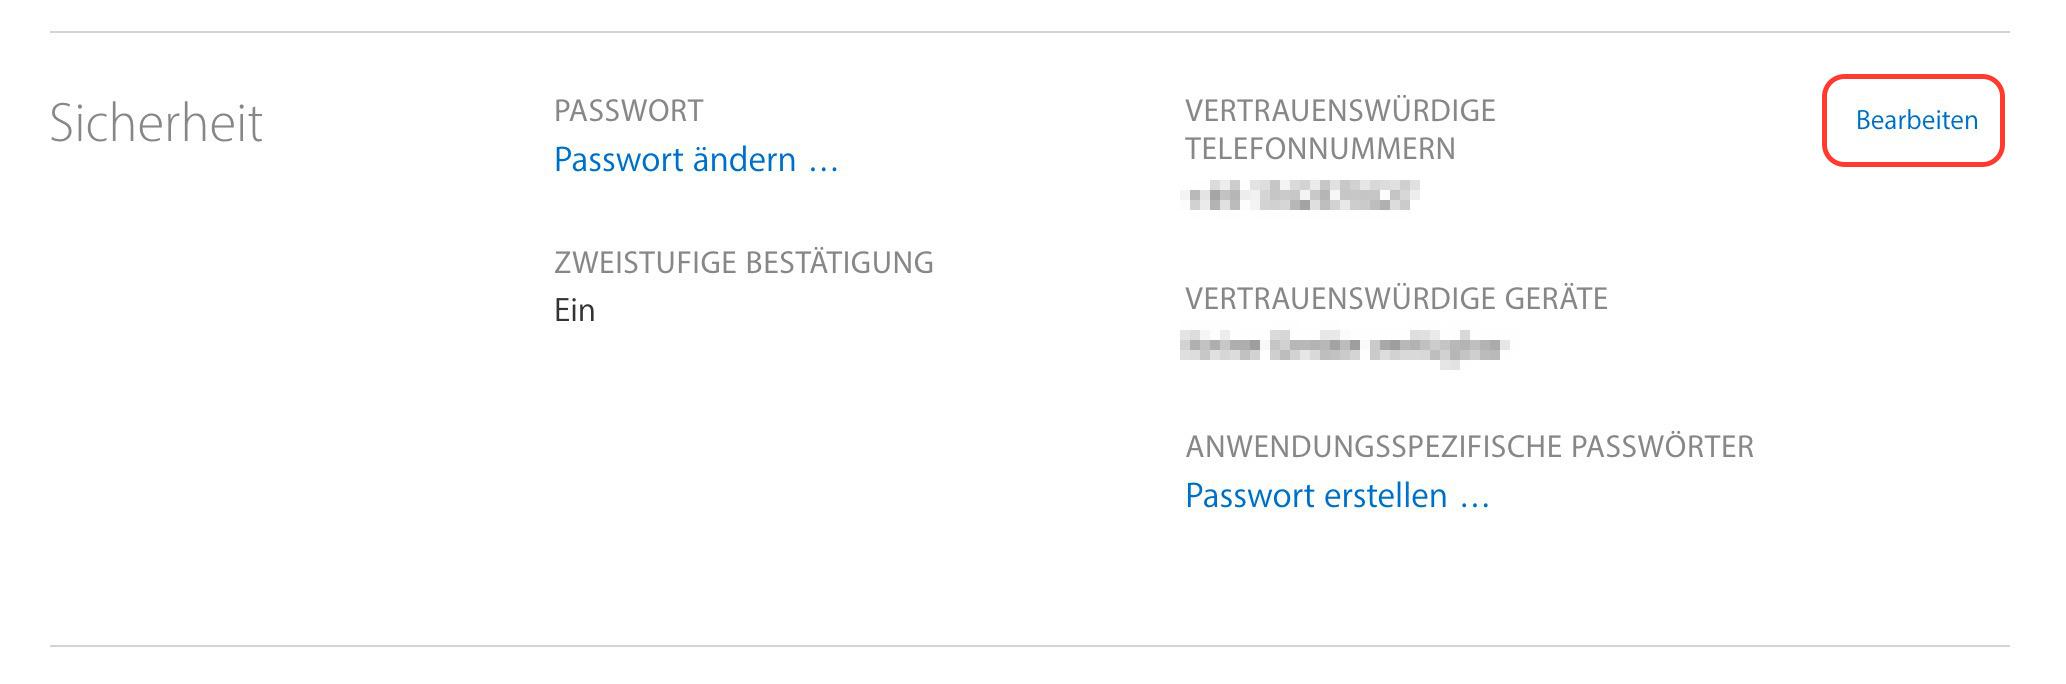 Apple-ID Zwei-Faktor Authentifizierung einschalten